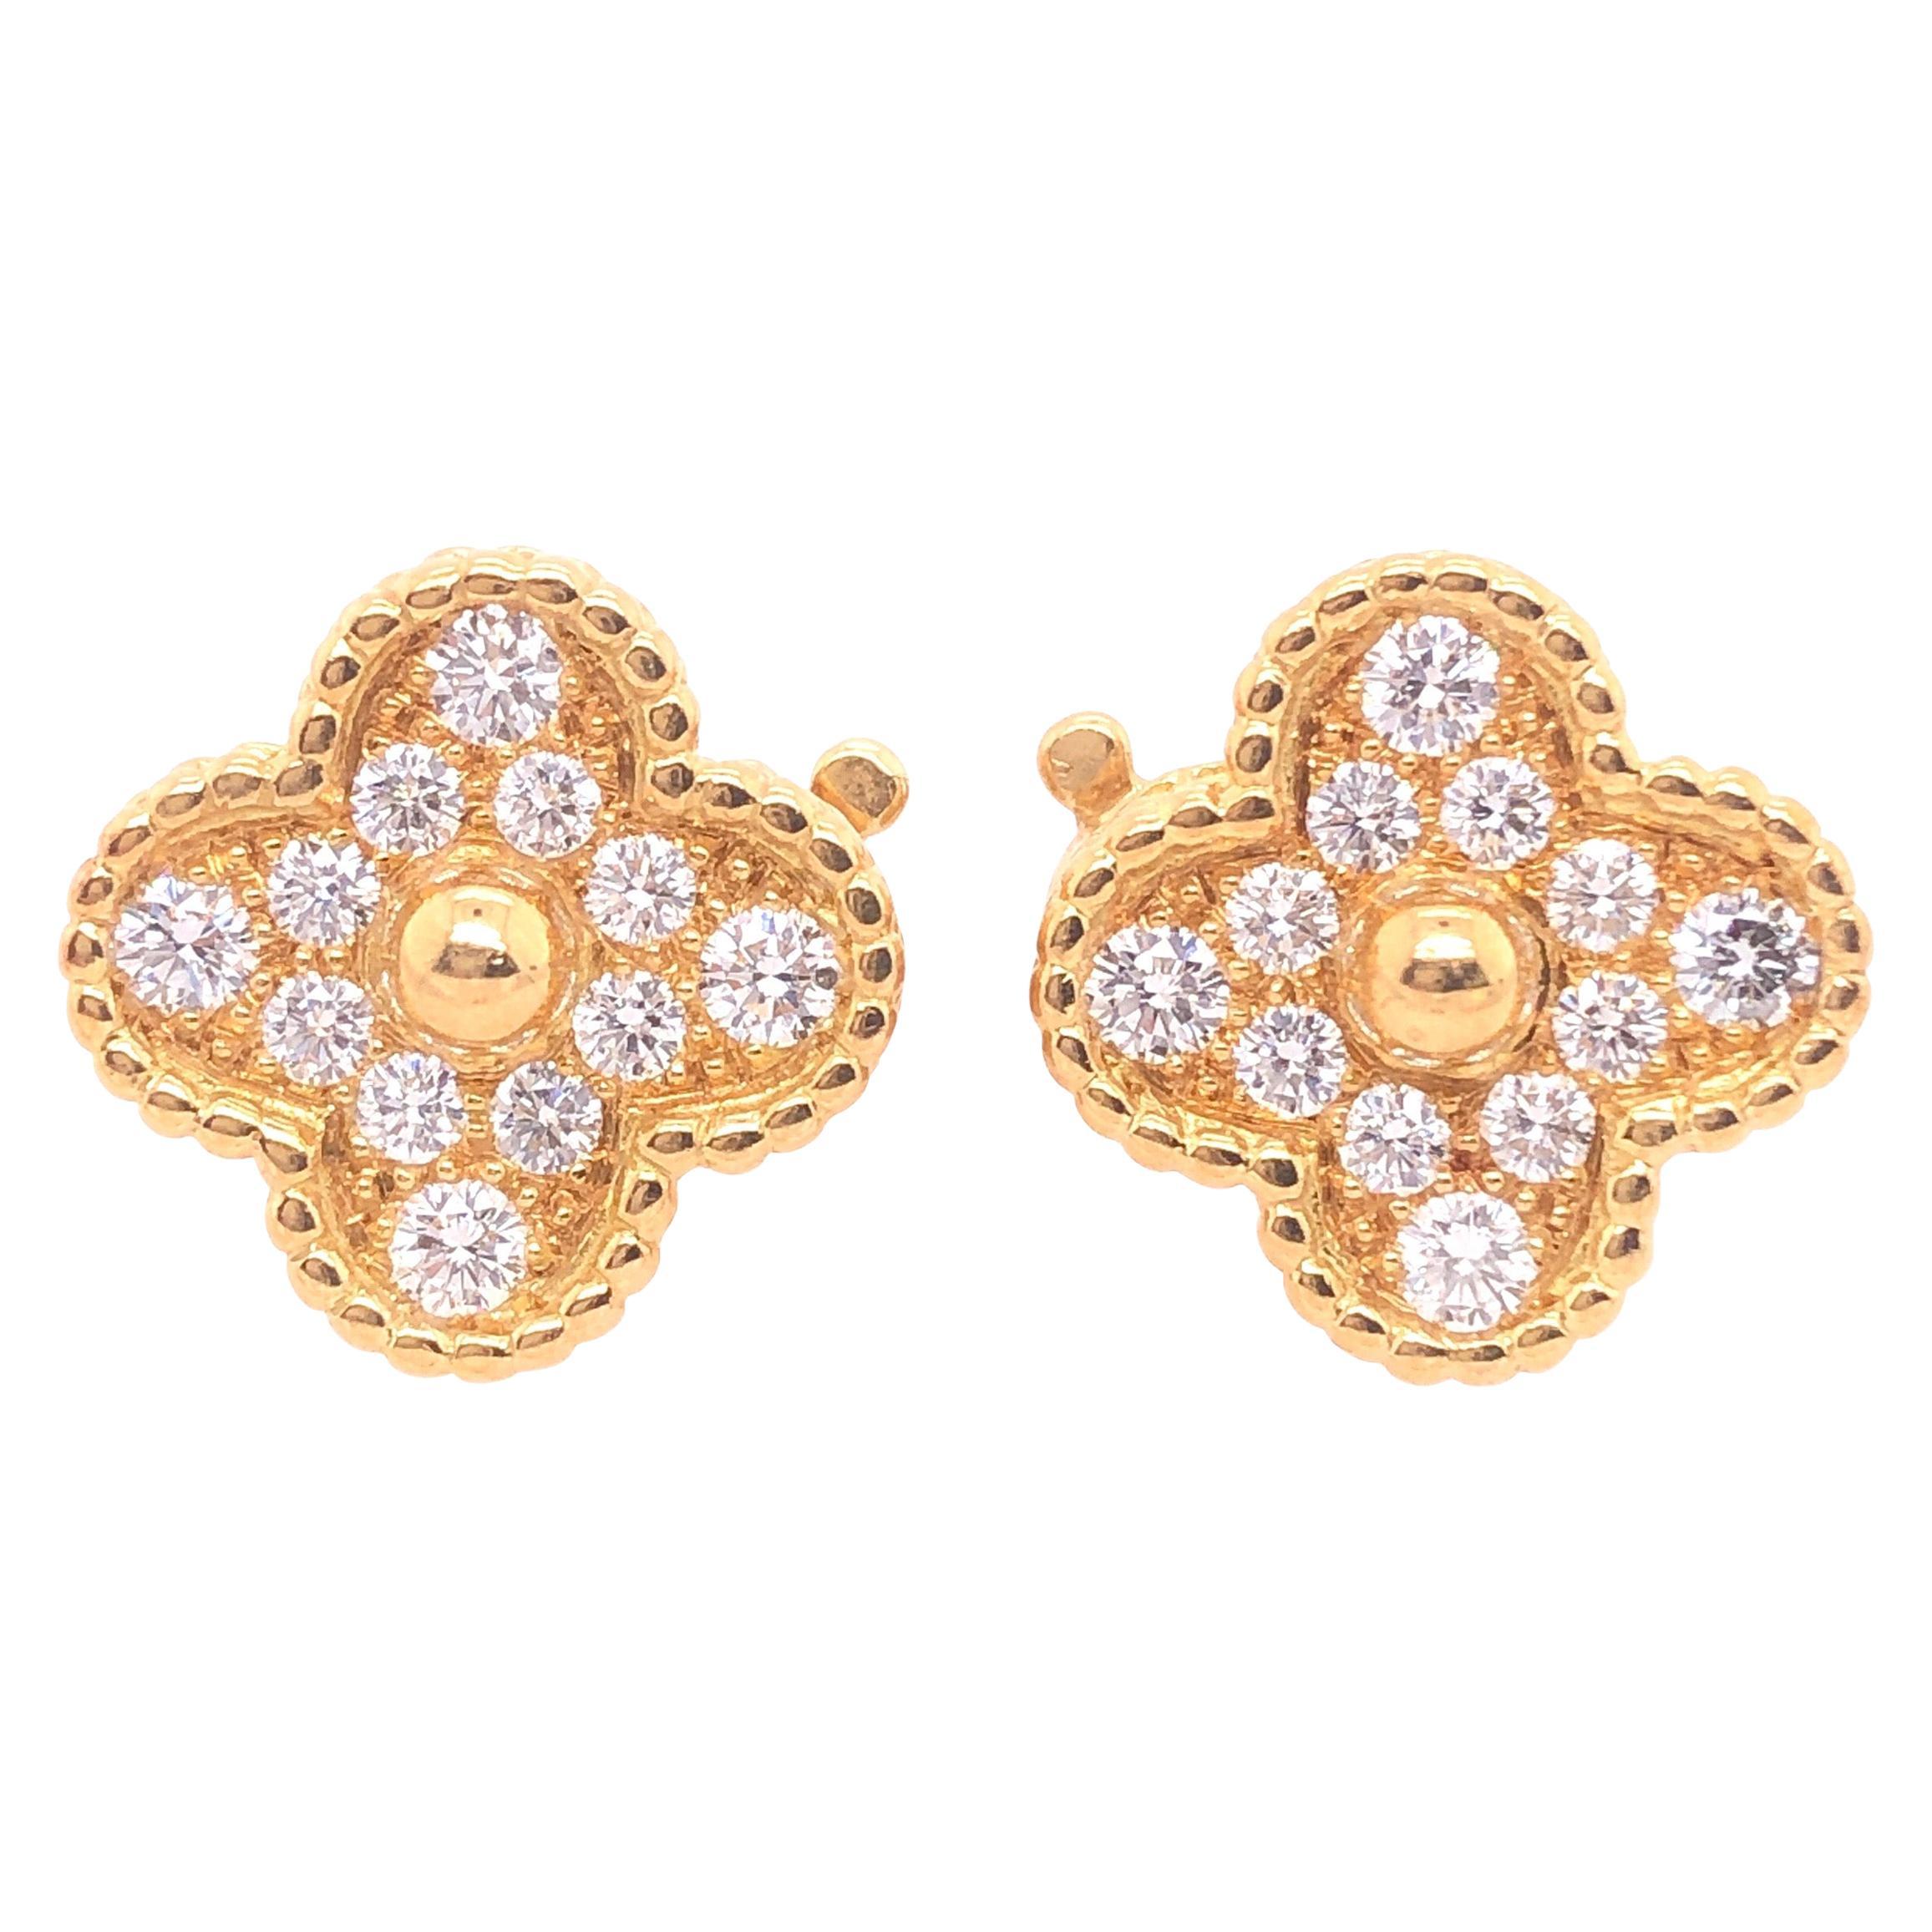 Van Cleef & Arpels Vintage Alhambra Diamond Earrings Yellow Gold 24 Stones .98Ct